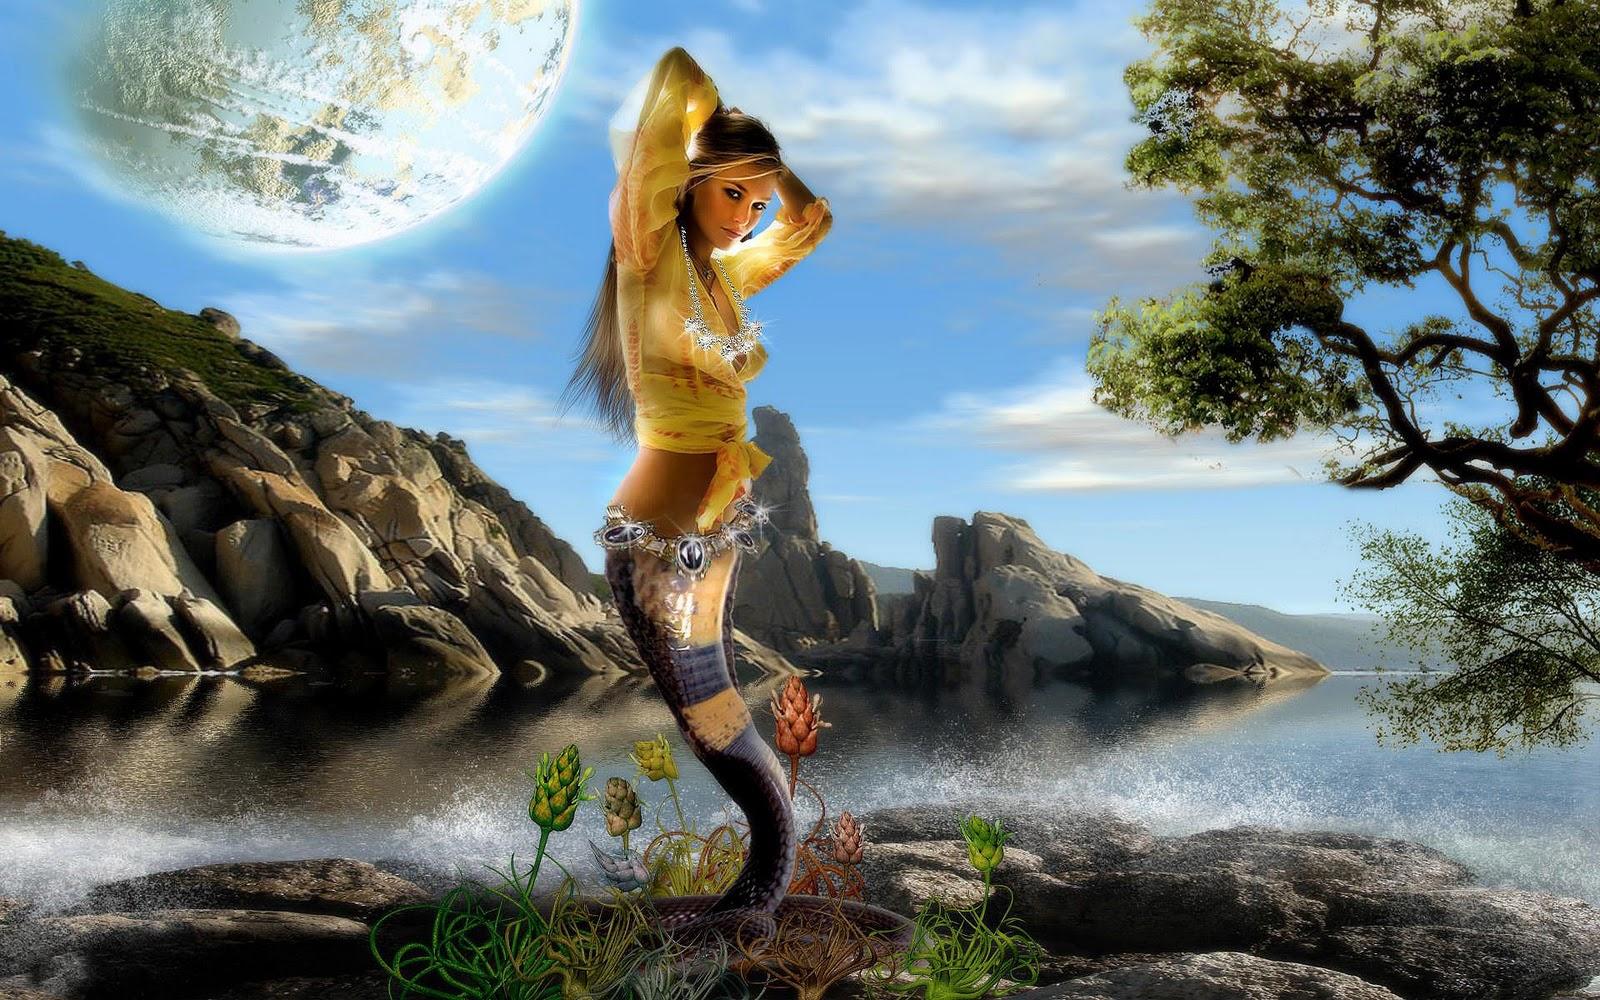 mild blogs: fantasy wallpapers hd fantasy wallpaper